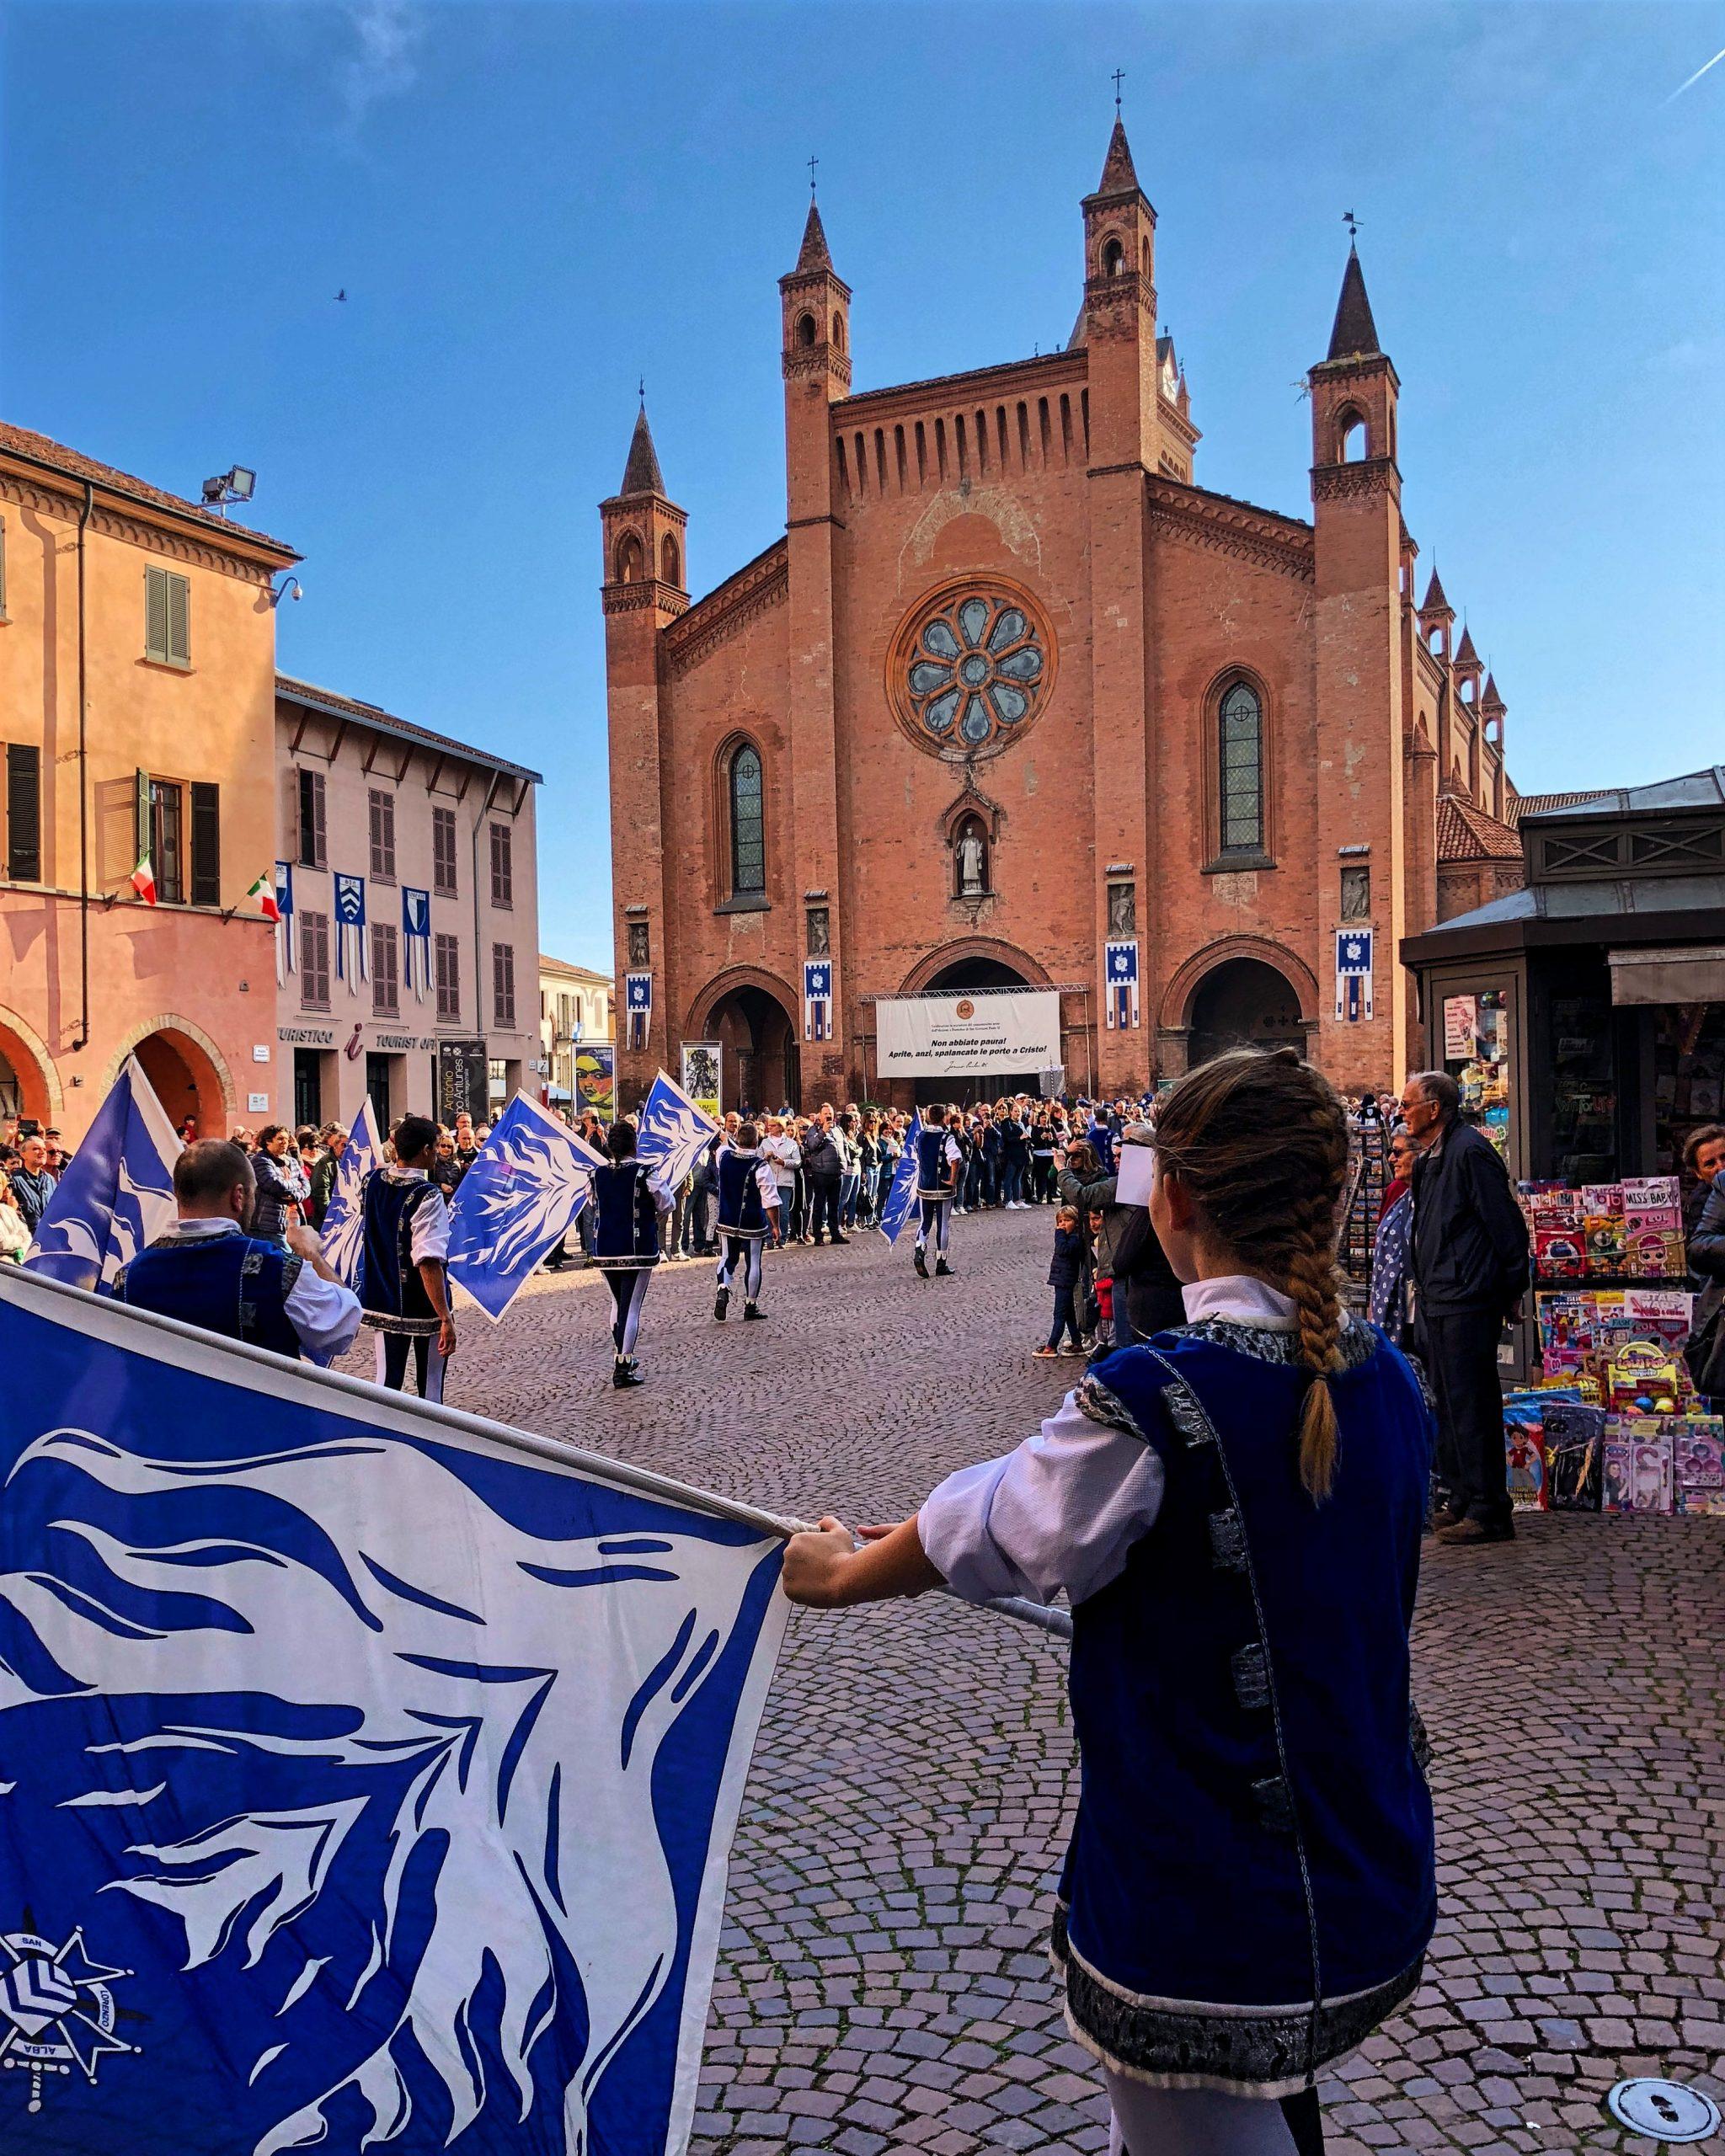 Alba Piazza Risorgimento